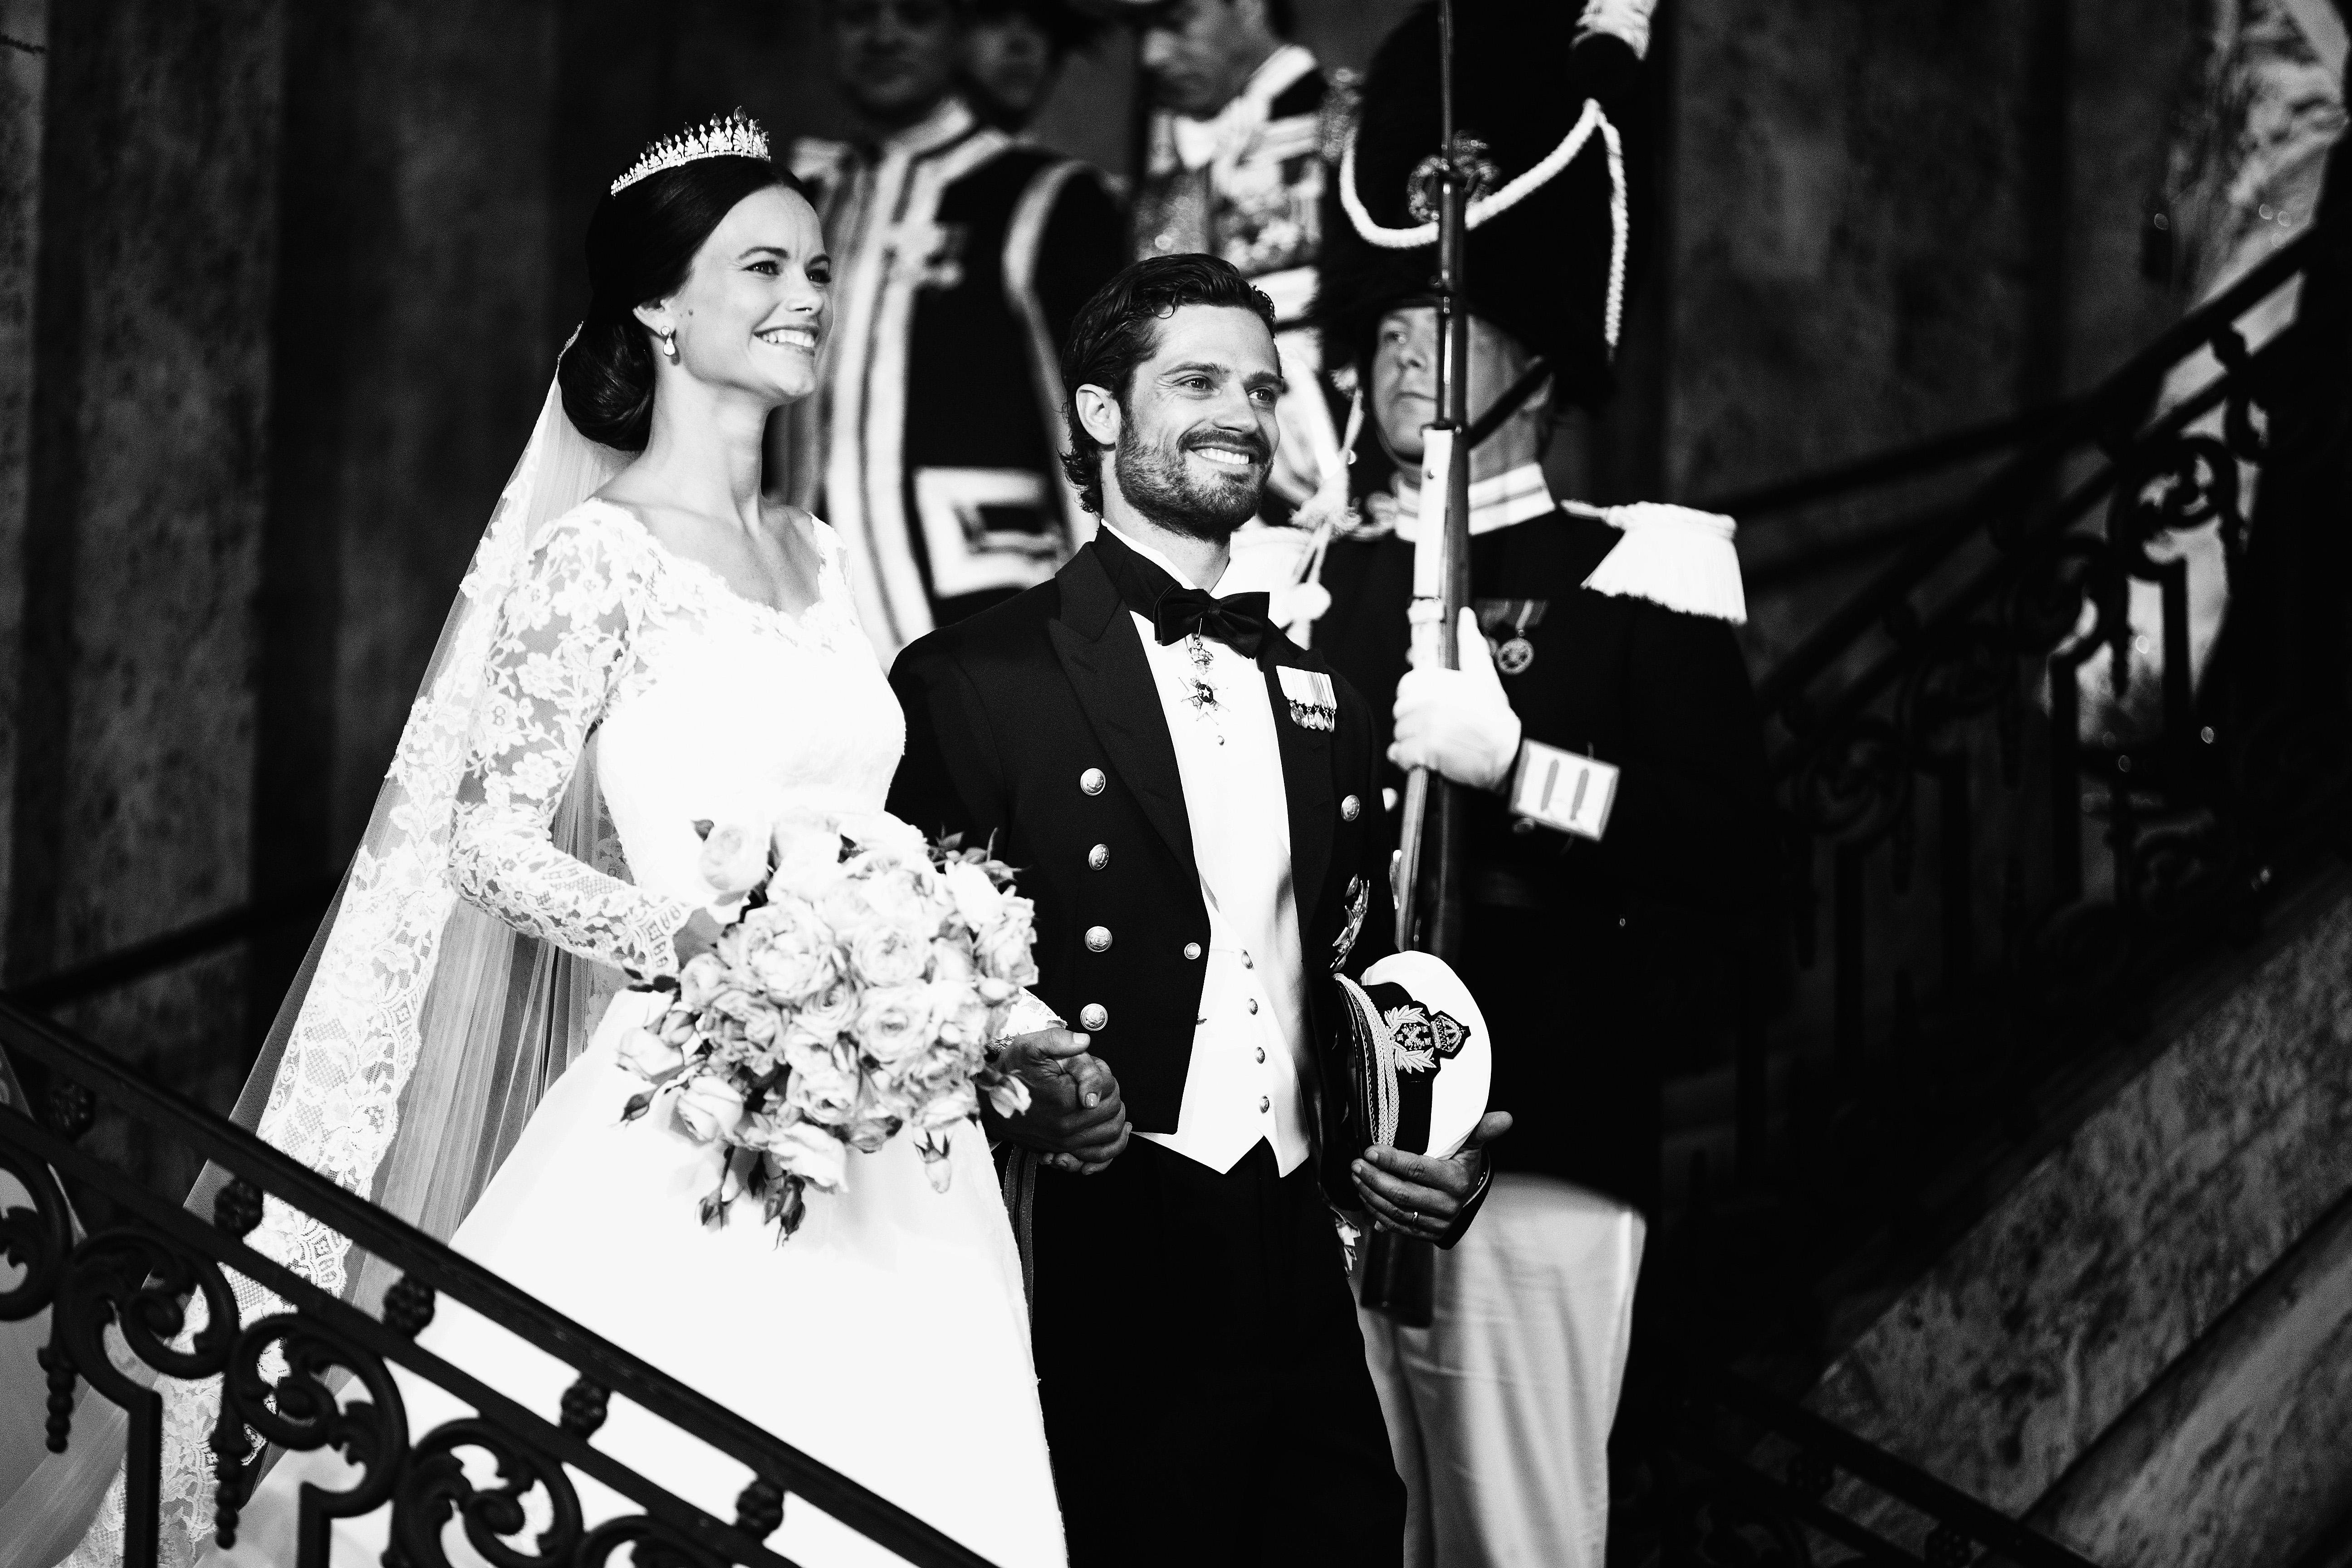 Принц Карл Филип и принцеса София -бившата риалити звезда и модел. Сватбата бе през 2015 г. Церемонията се състоя в присъствието на кралското семейство, представители на правителството и парламента, приятели и роднини на булката и младоженеца. Свидетели на събитието станаха и гости от много страни, включително принцове и принцеси.Церемонията се излъчваше по телевизията в Швеция и съседните Дания, Финландия и Норвегия. <div></div>